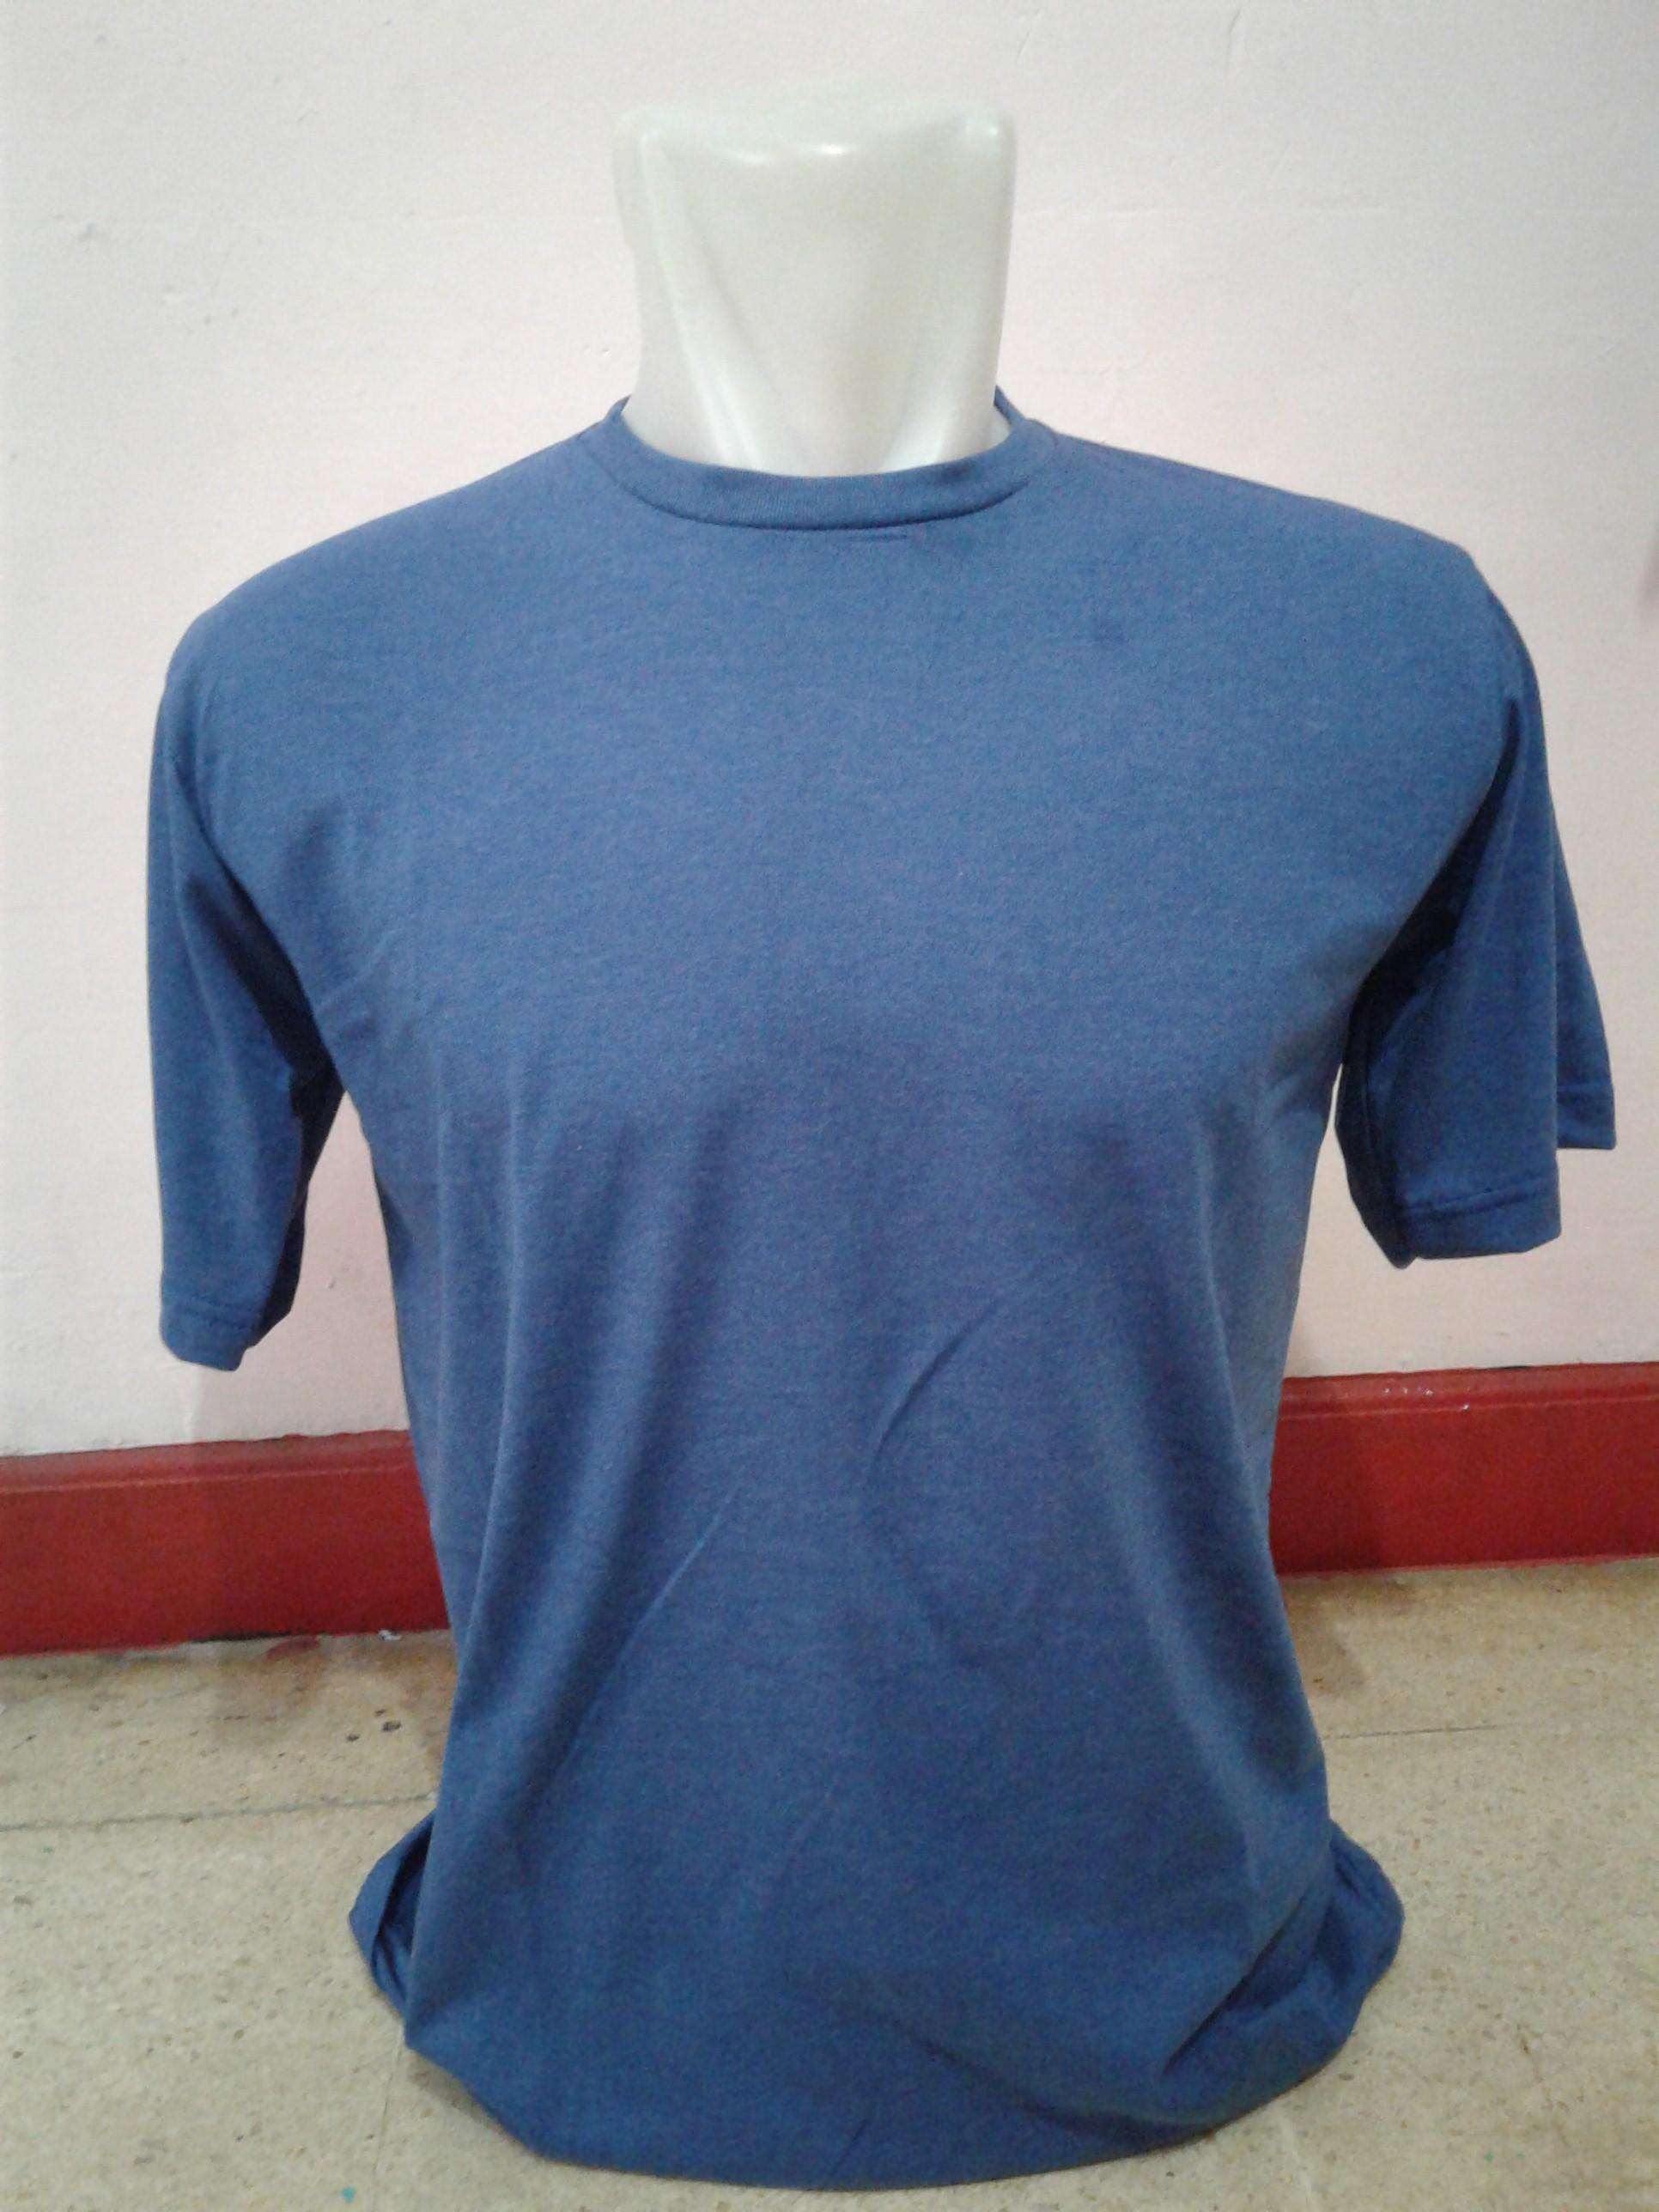 Jual Murah Kaos Polos Cotton Combed 30s Diskon Sky Navy Misty Blue Satibi Tokopedia